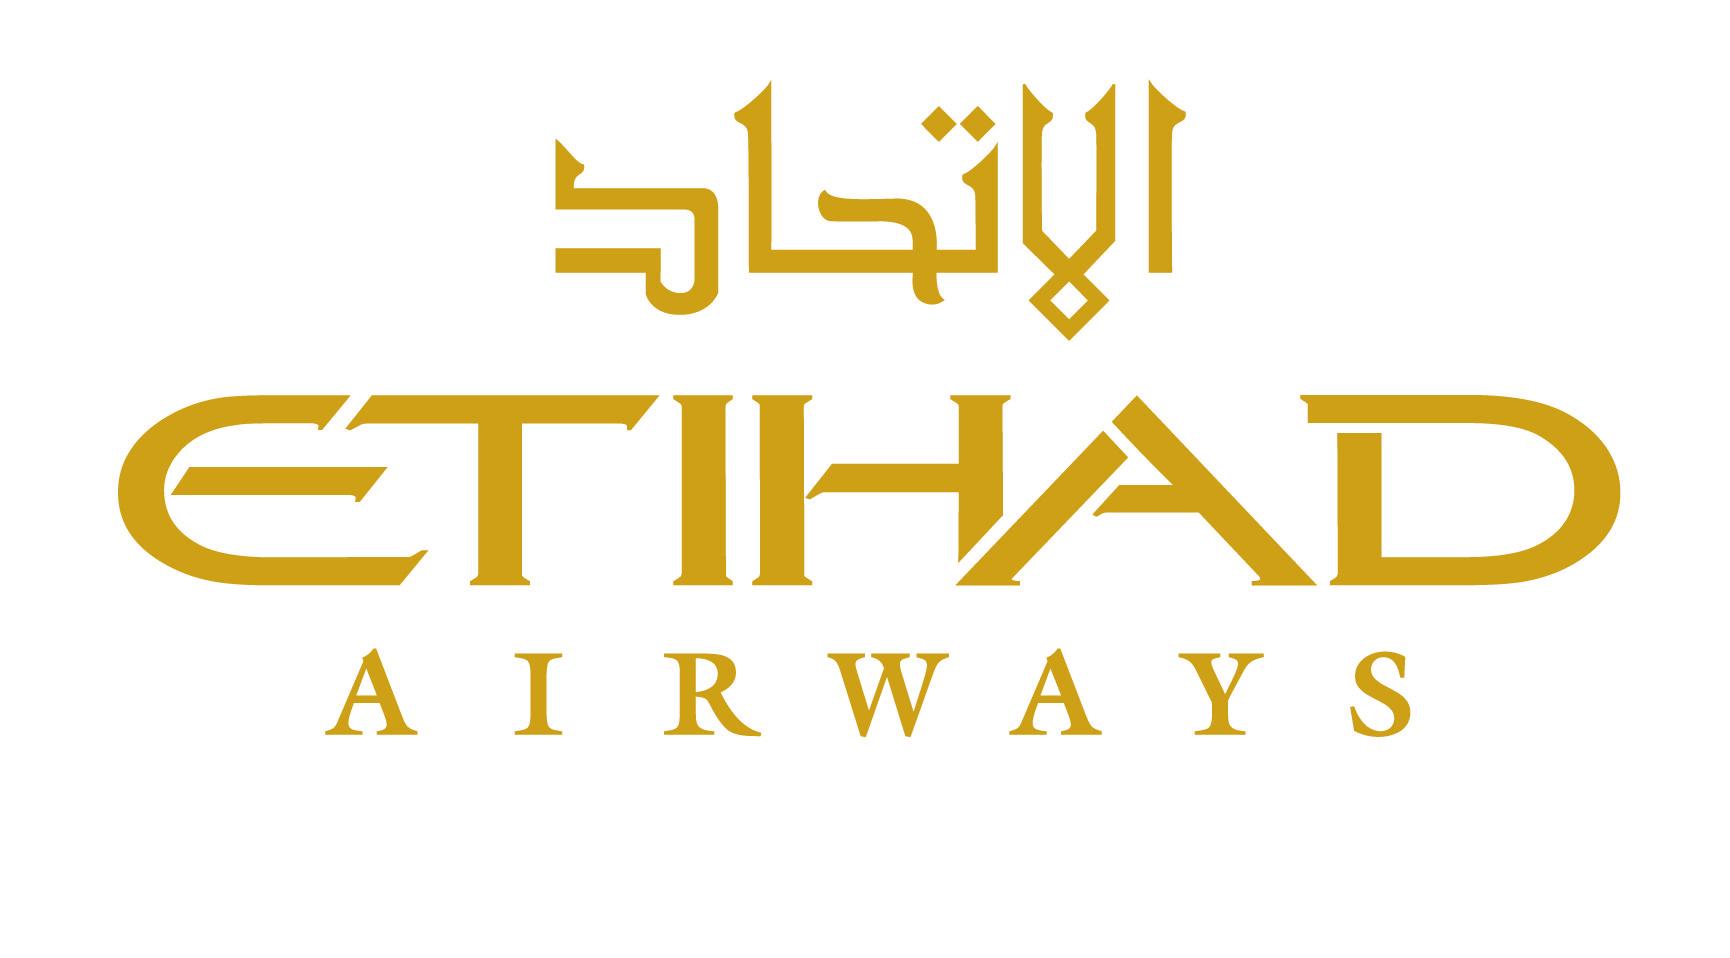 Bildergebnis für etihad airways logo